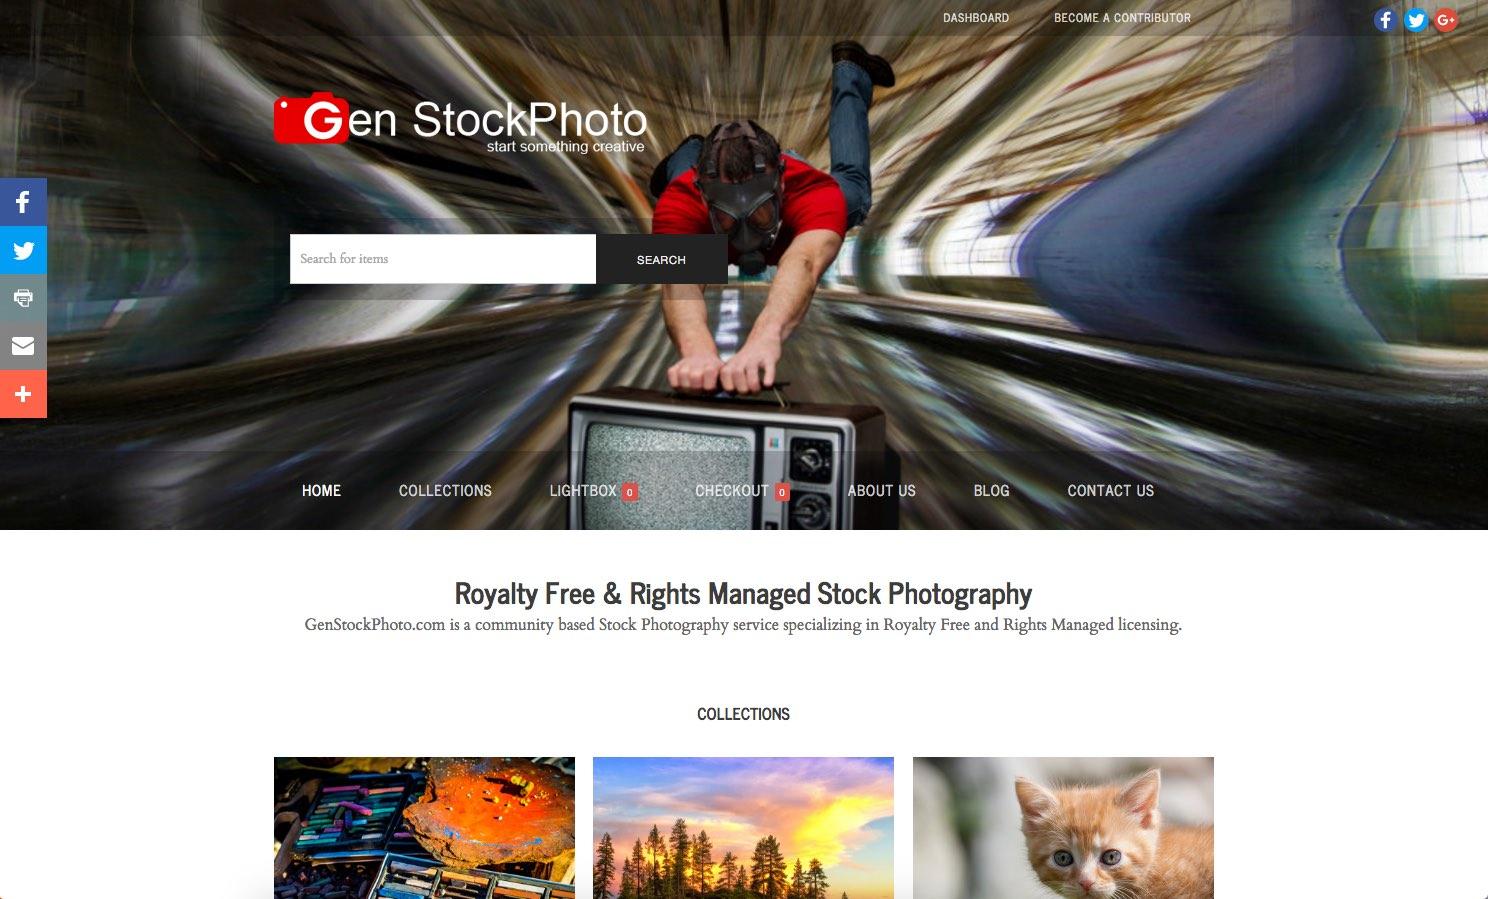 Gen Stock Photo